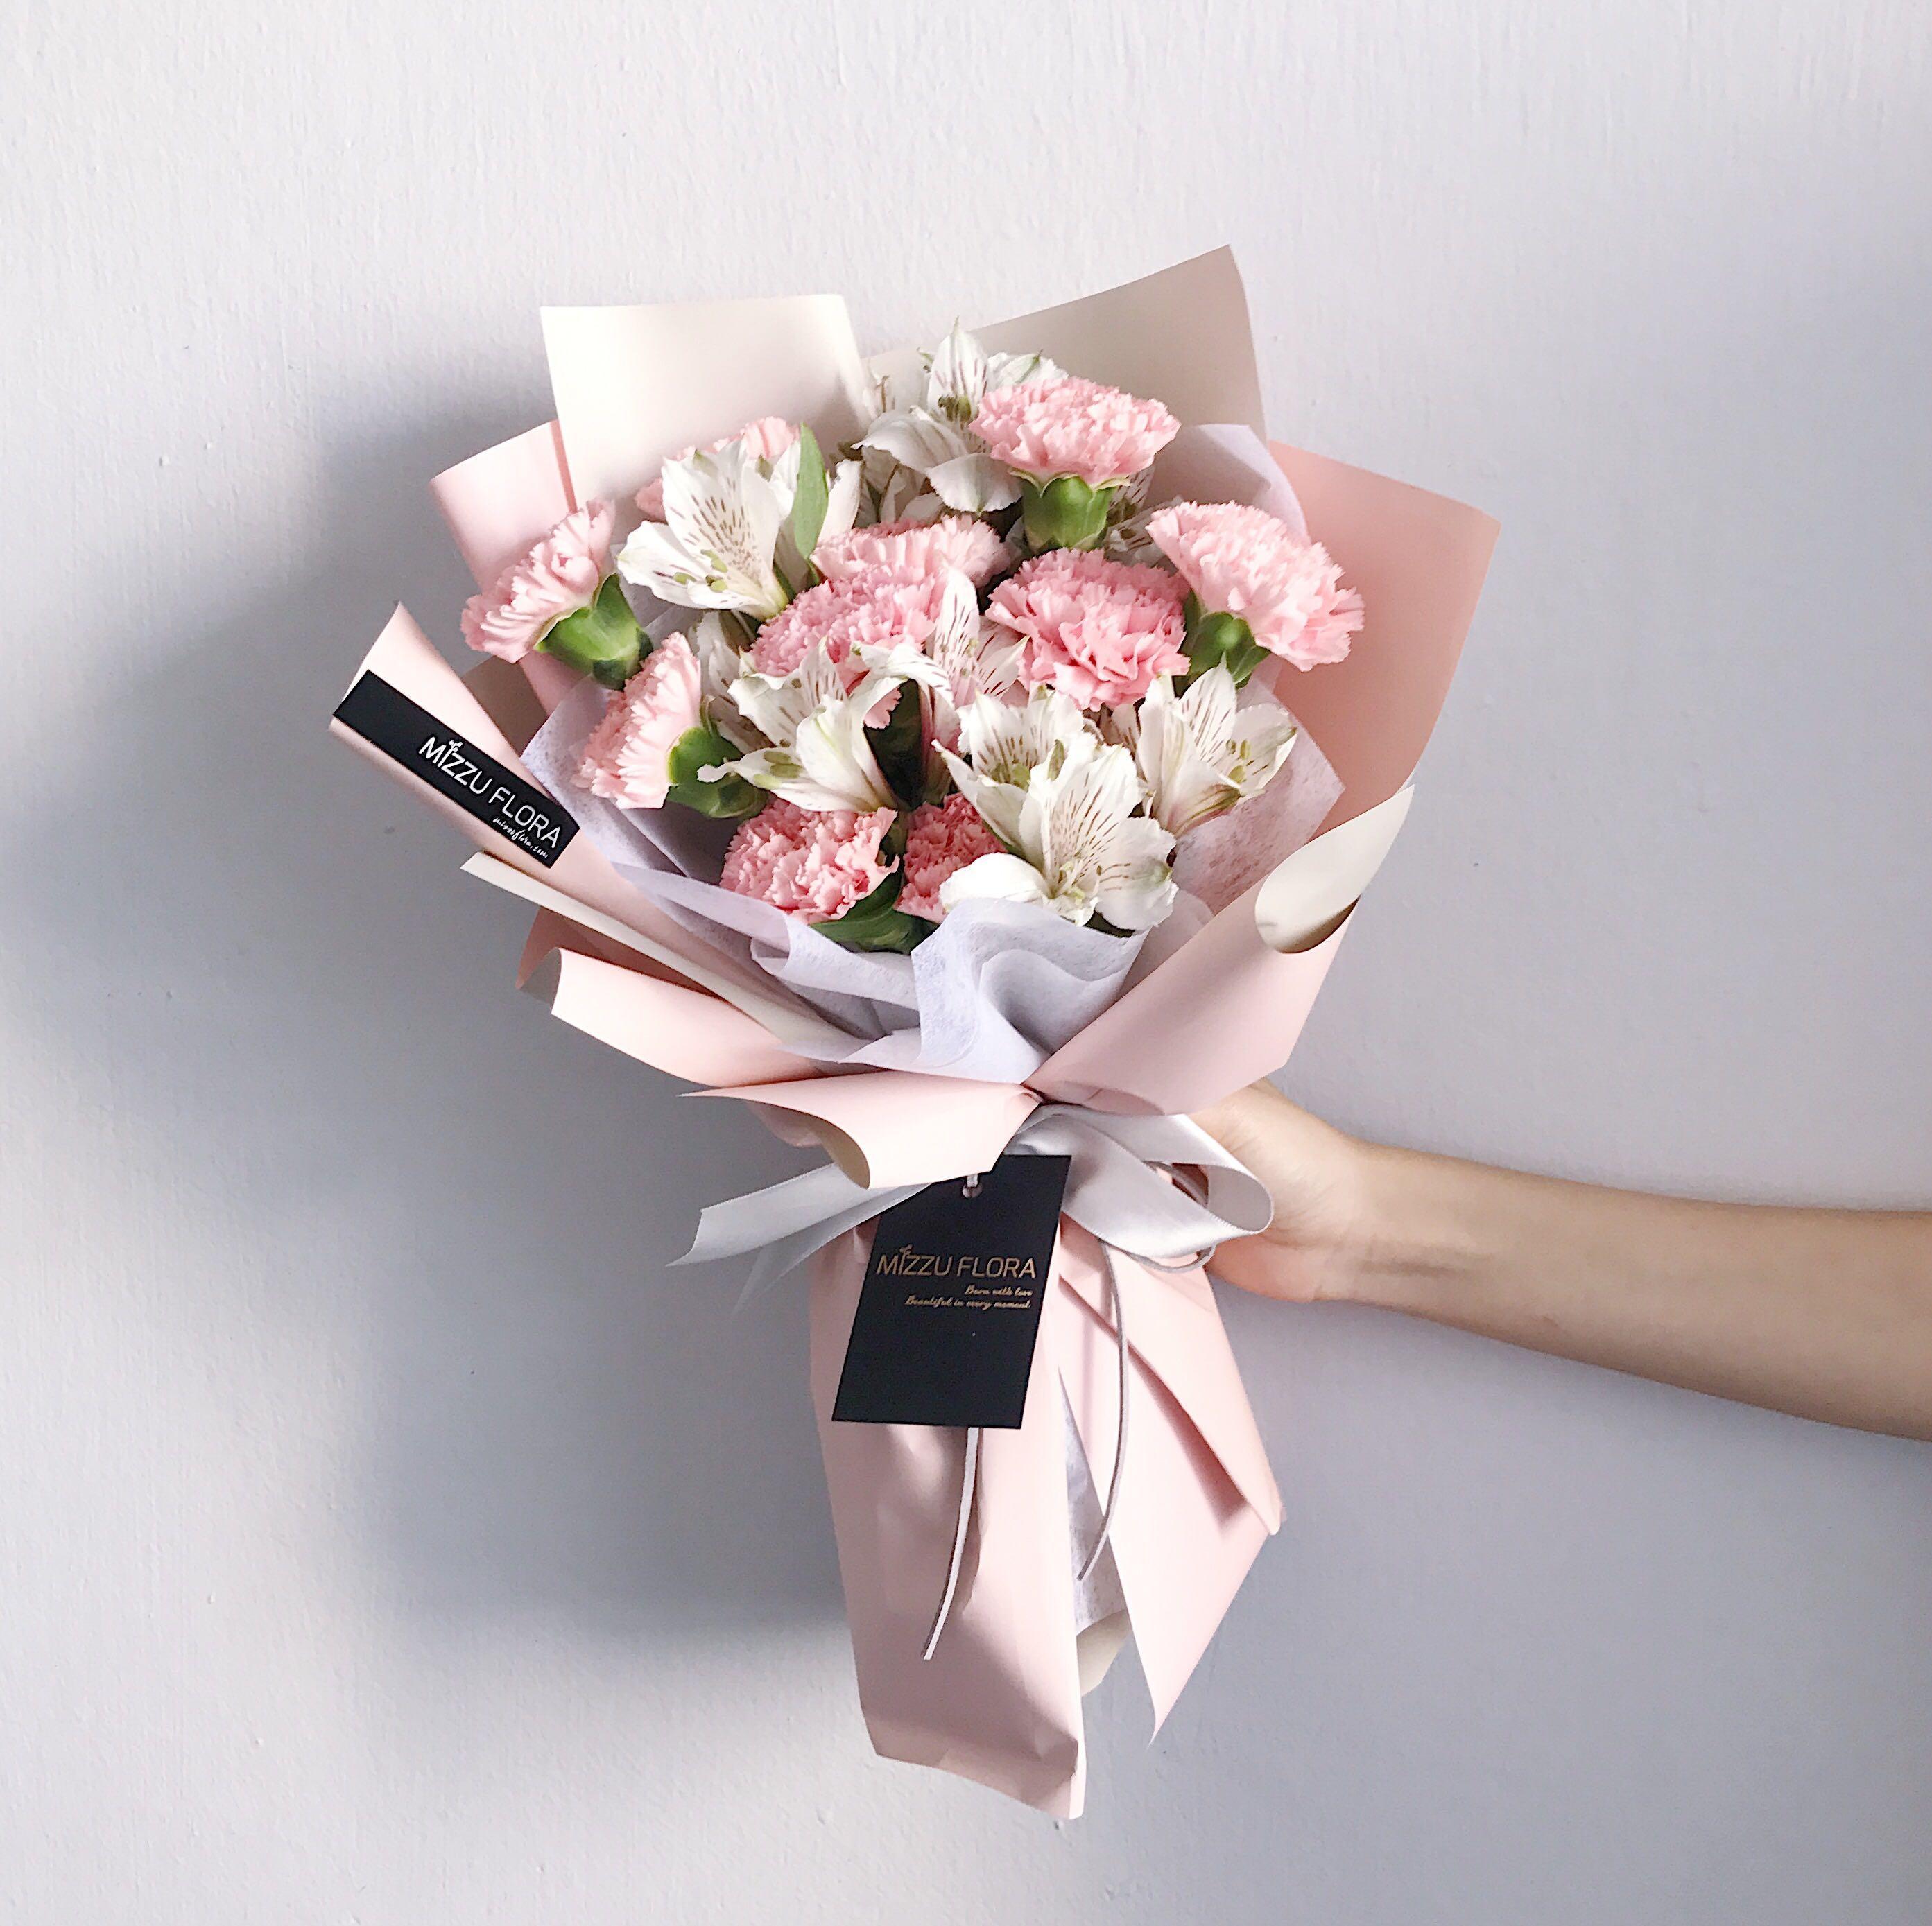 Carnation Flower Bouquet Mother S Day Gift Carnation Flower Bouquet Fresh Flower Birthday Flower Flower Delivery Ưäº²èŠ'花束 ź·ä¹ƒé¦¨èŠ±æŸ ɲœèŠ±è¿é€ Gardening Flowers Bouquets On Carousell